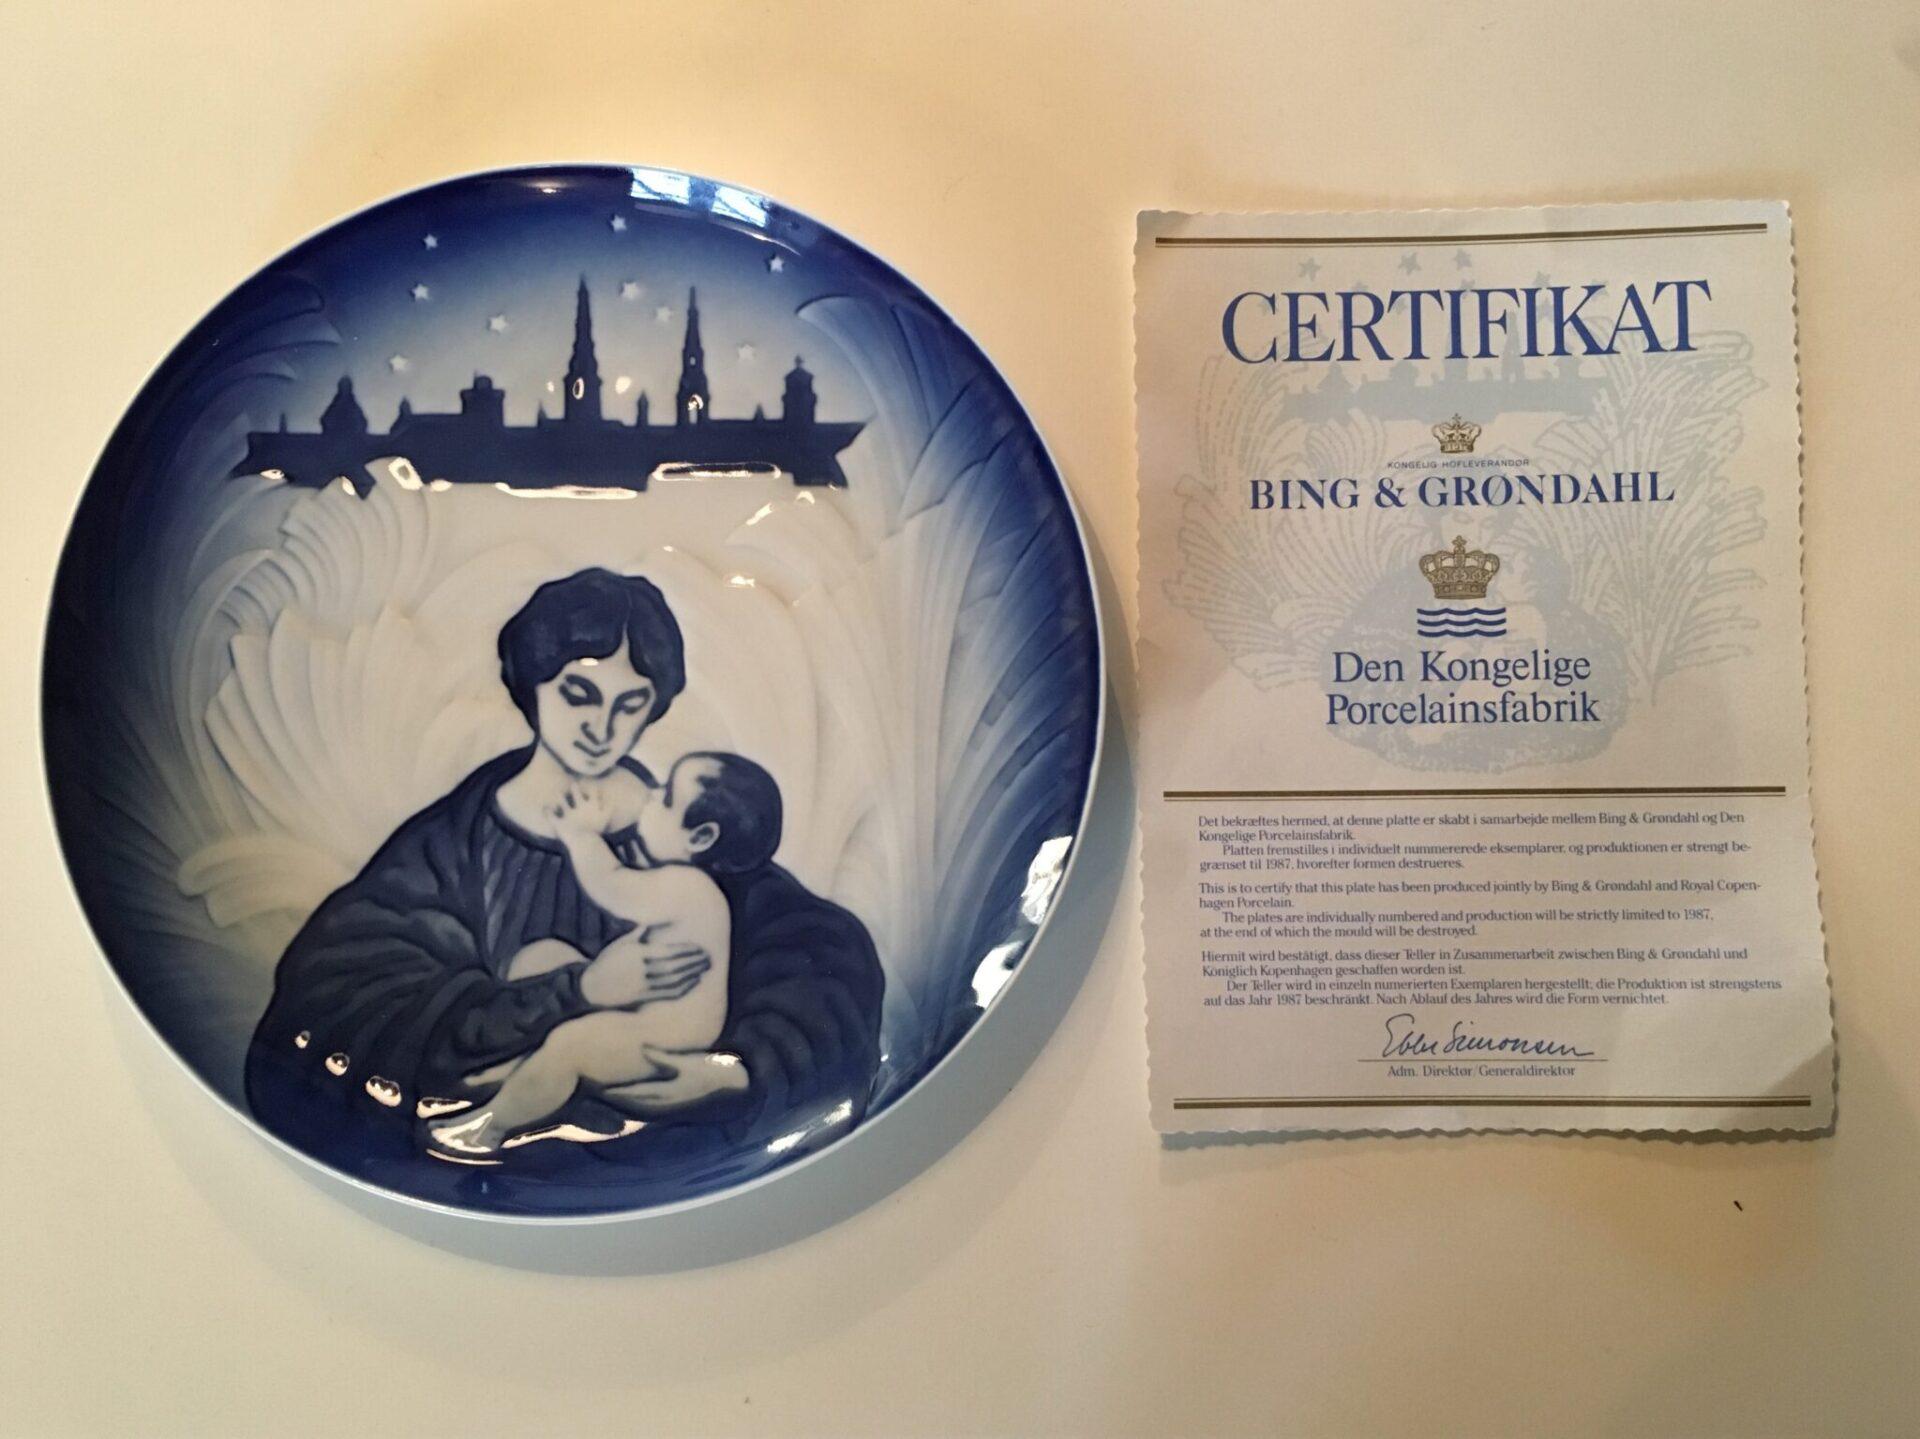 B&G fusion med den Kongelige porcelænsfabrik i 1987. Pris 100 kr